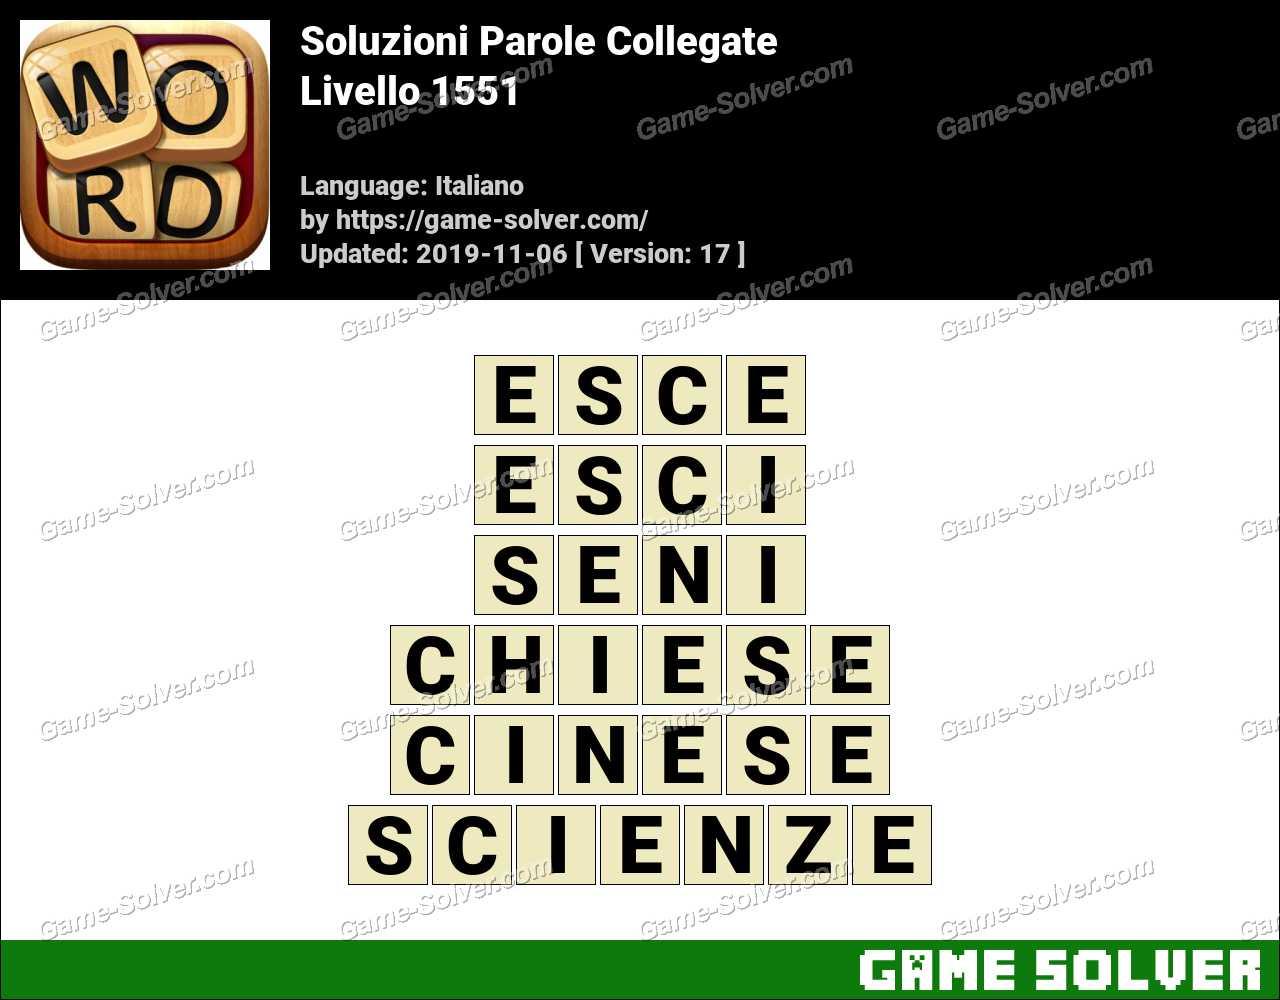 Soluzioni Parole Collegate Livello 1551